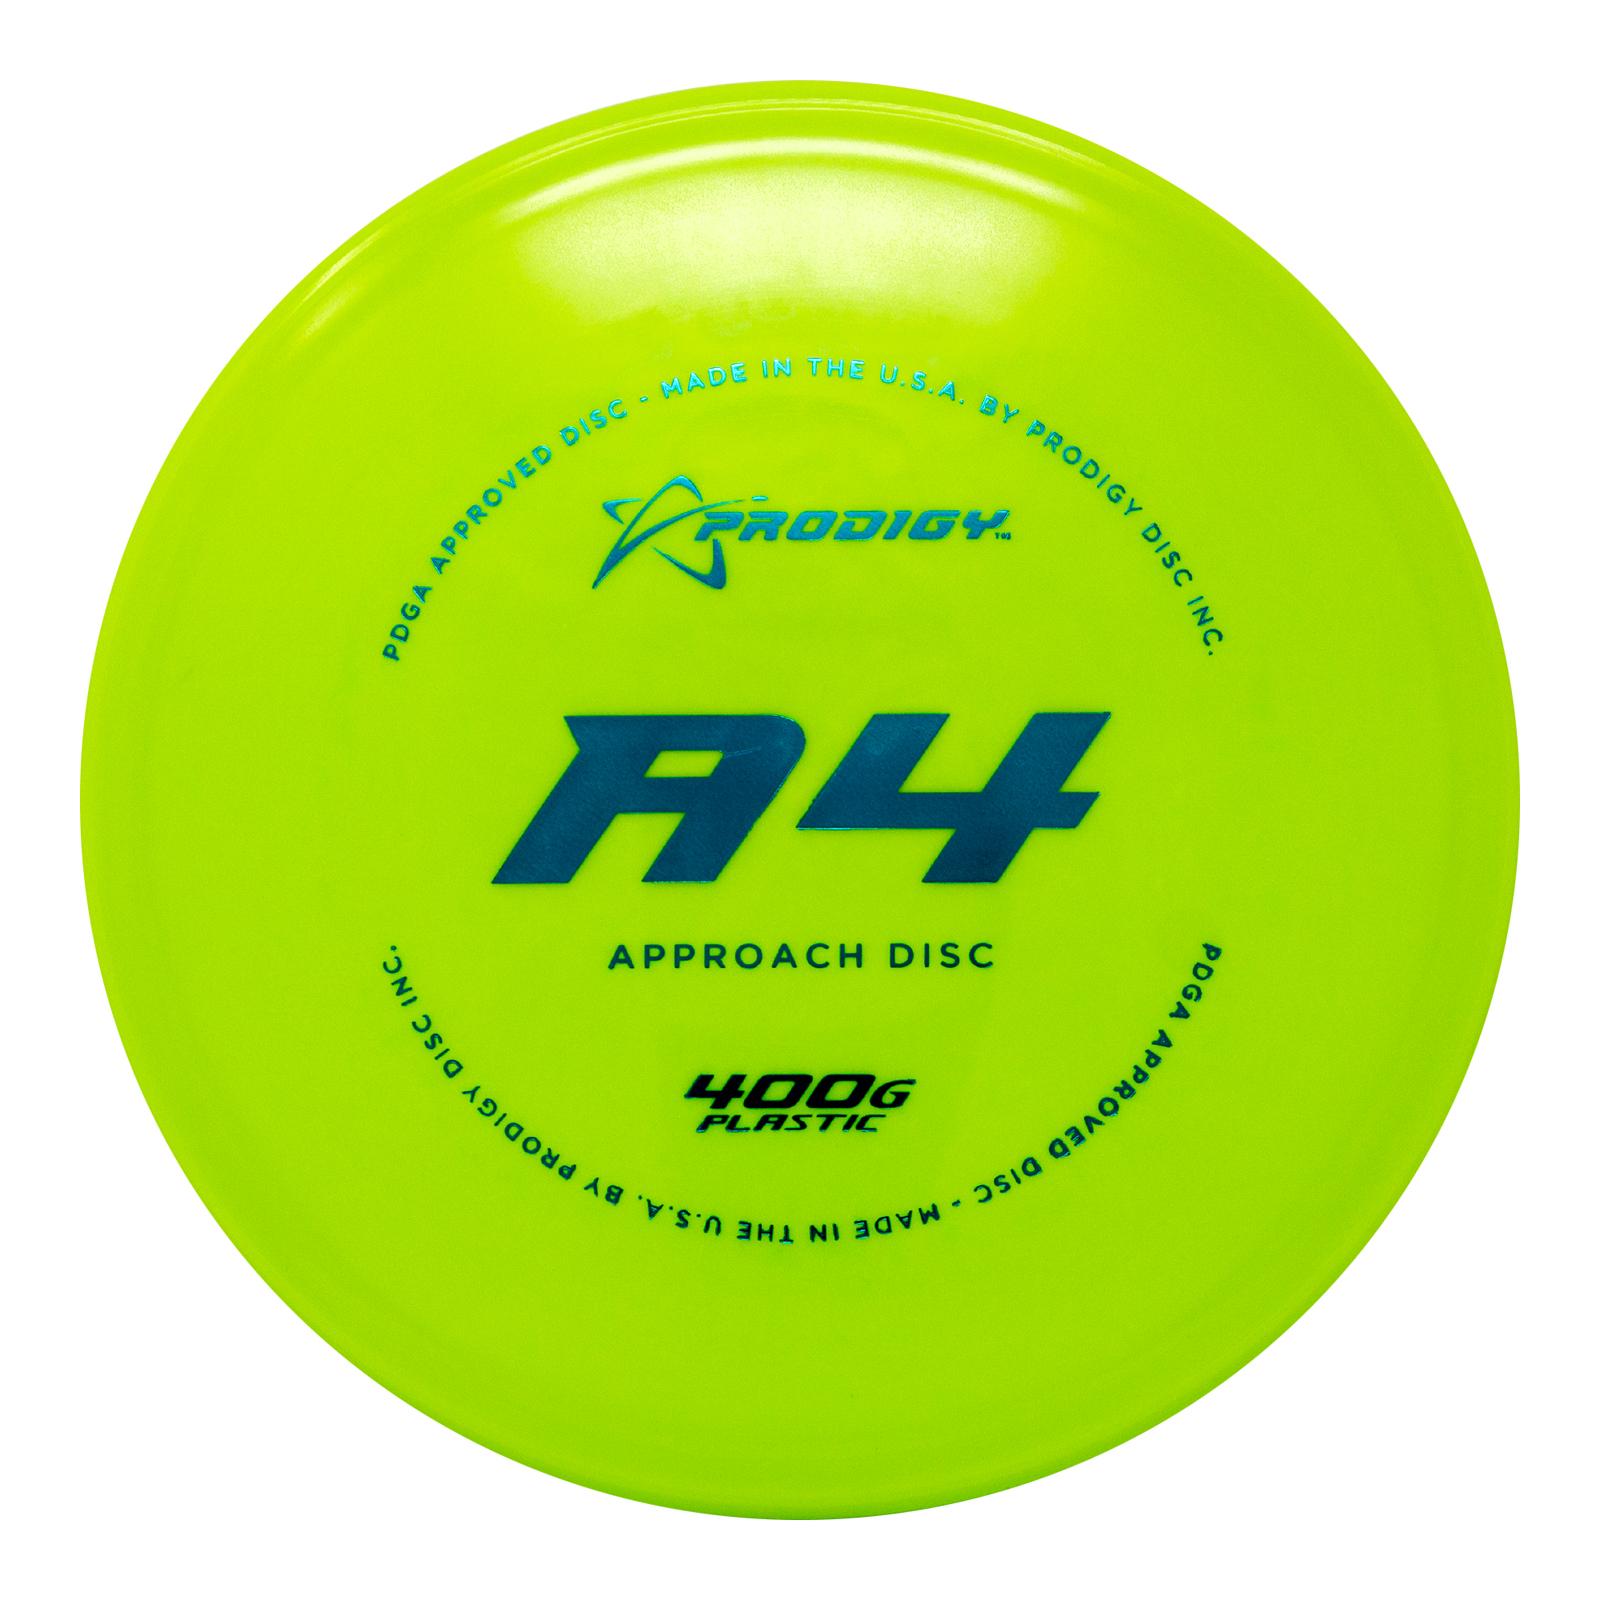 A4 - 400G PLASTIC